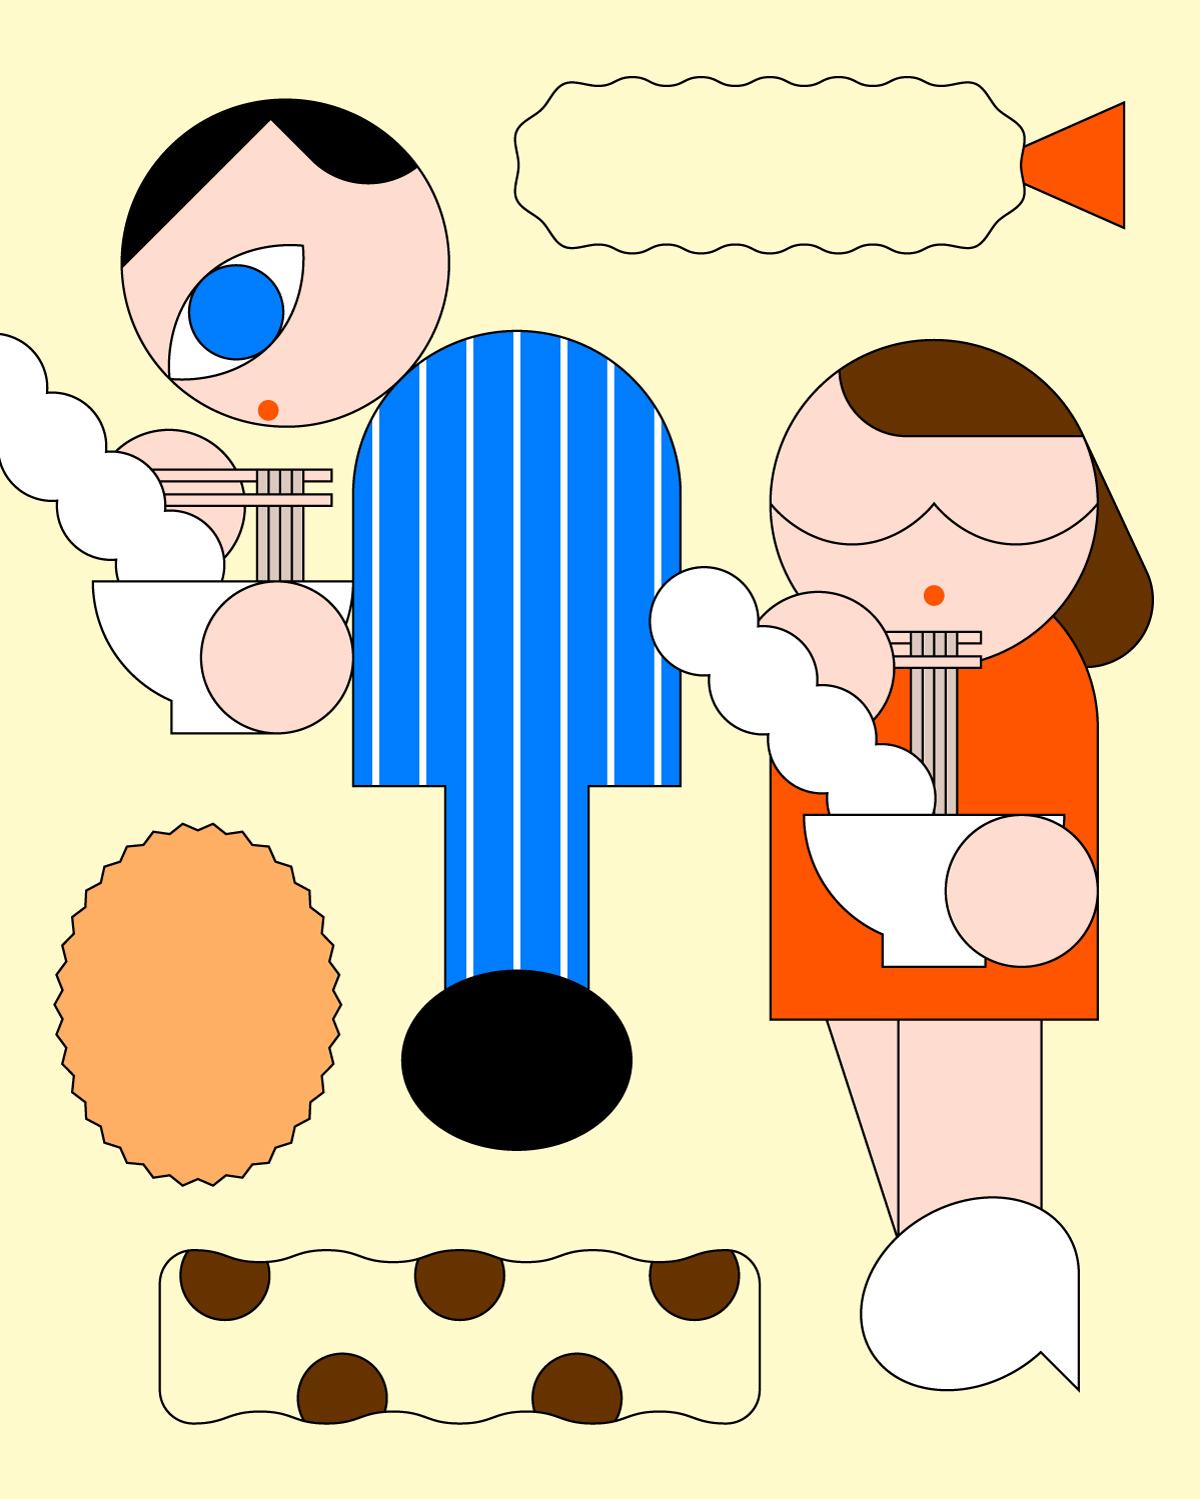 「食べログマガジン」( web ) 山口博之さん連載のイラスト